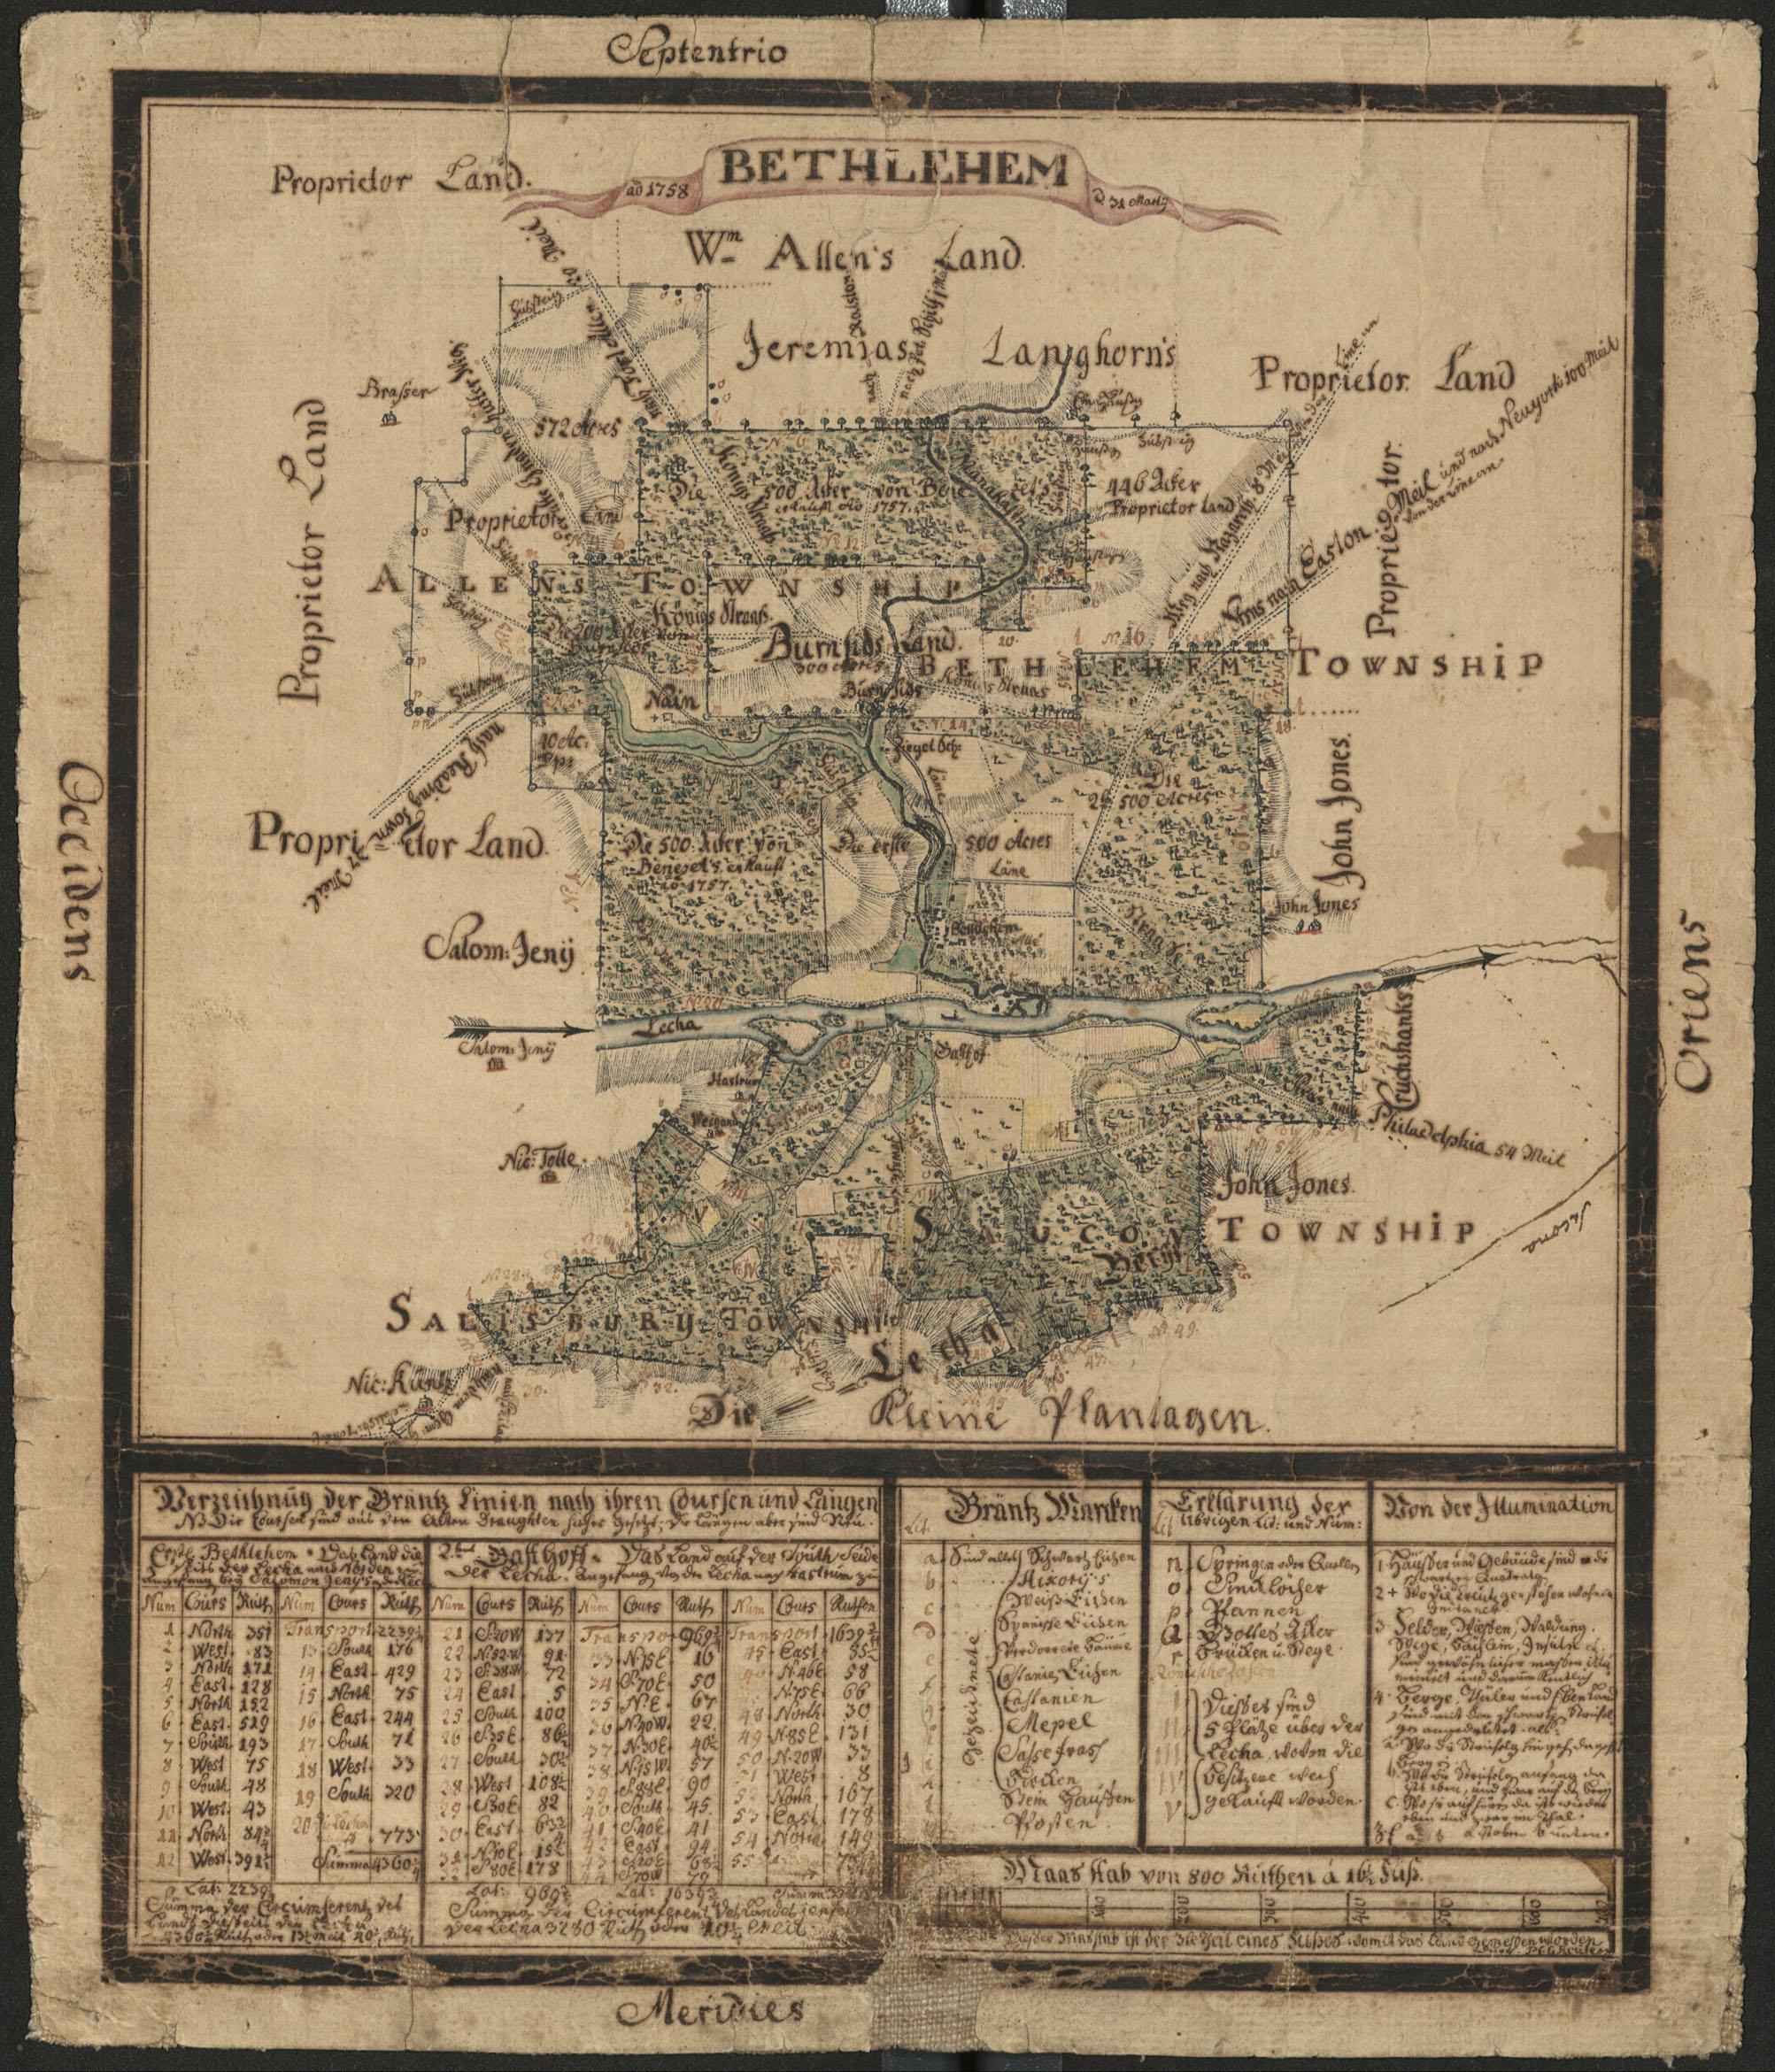 Digital Collection Spotlight #22: Burnside Plantation